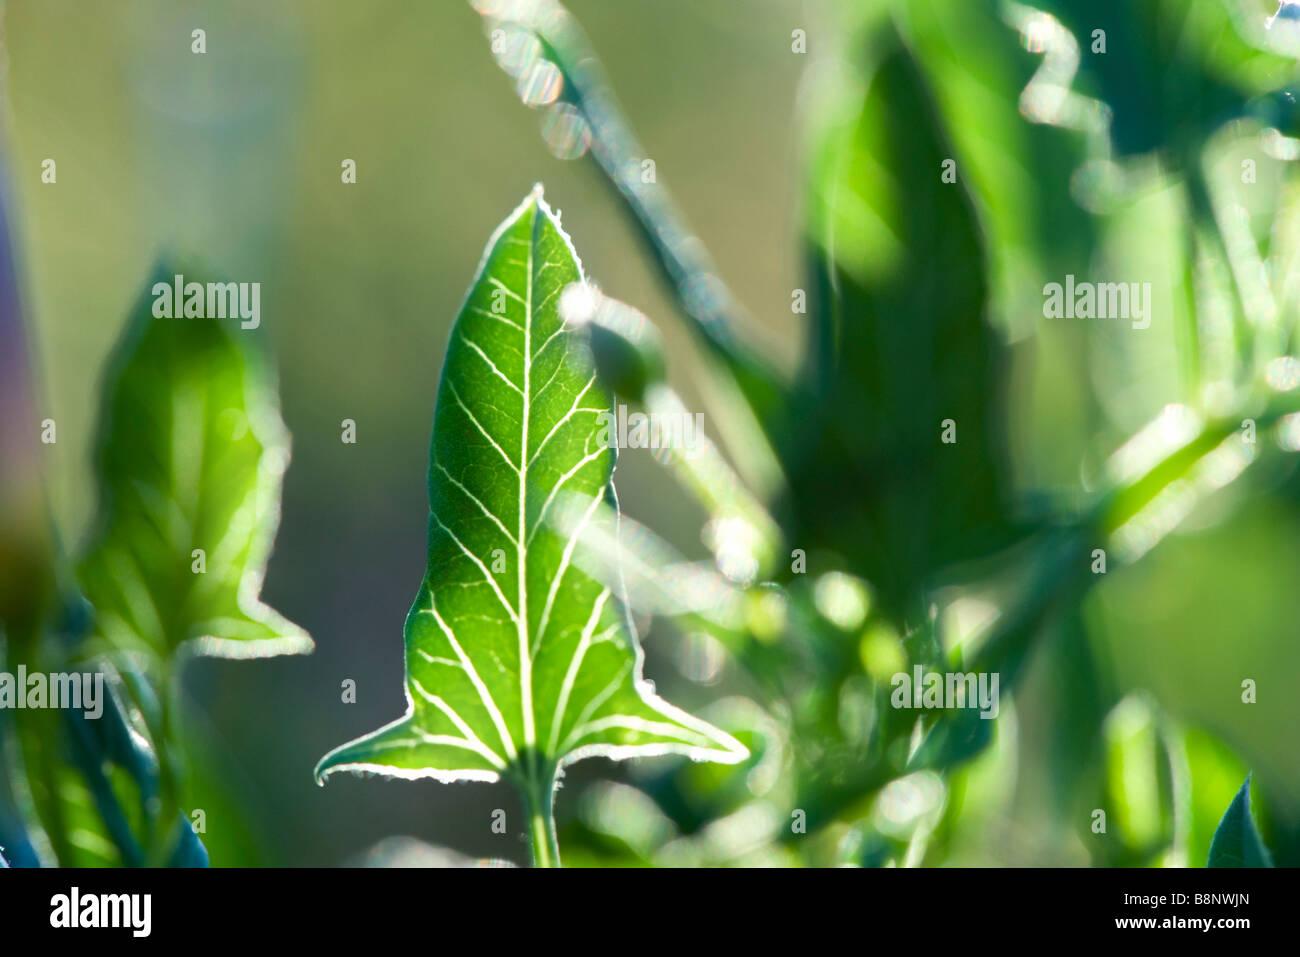 Arum plant, backlit foliage - Stock Image